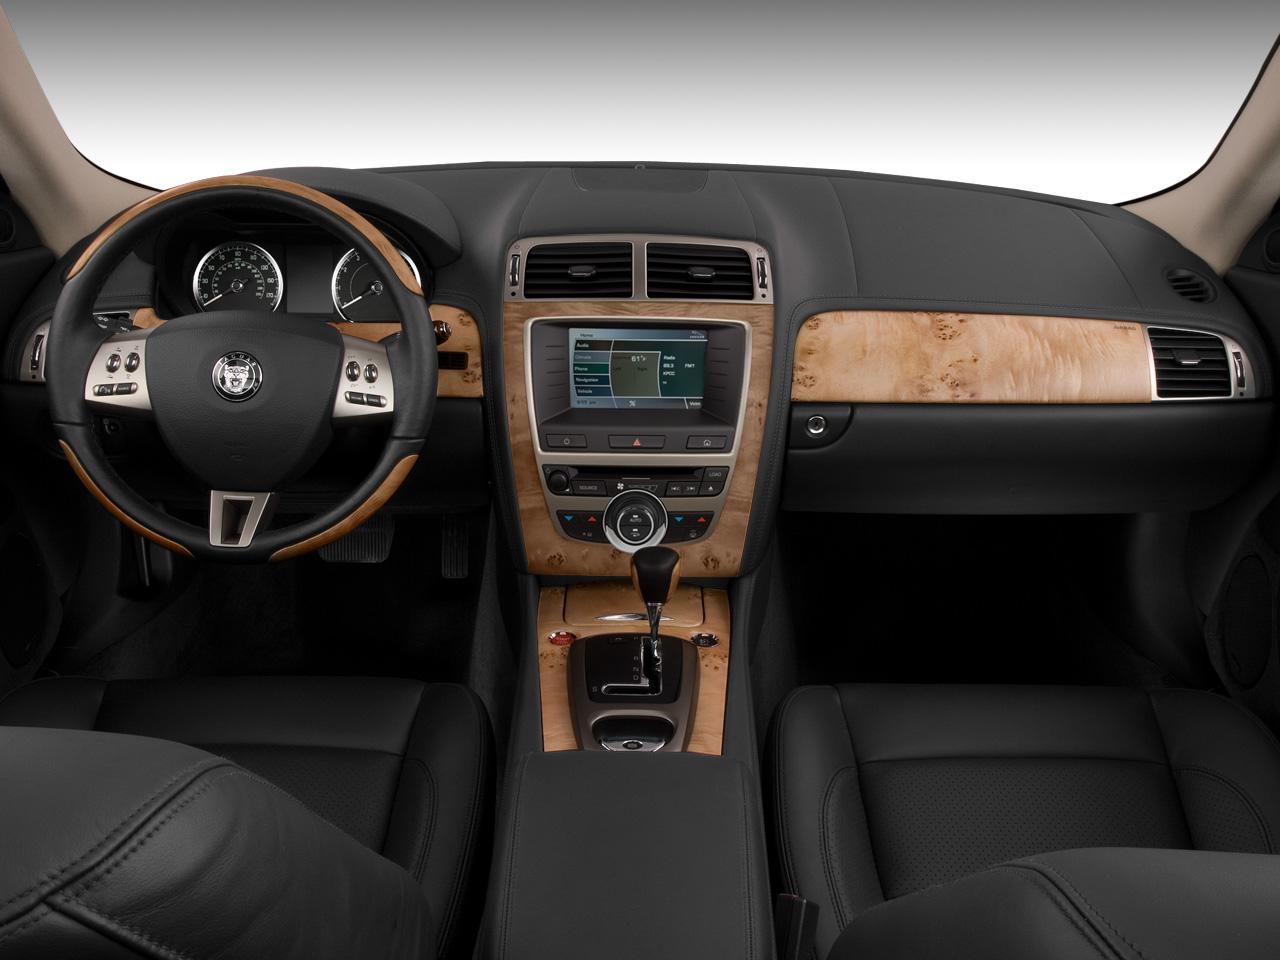 xk images specification and for auto specs photo jaguar sale